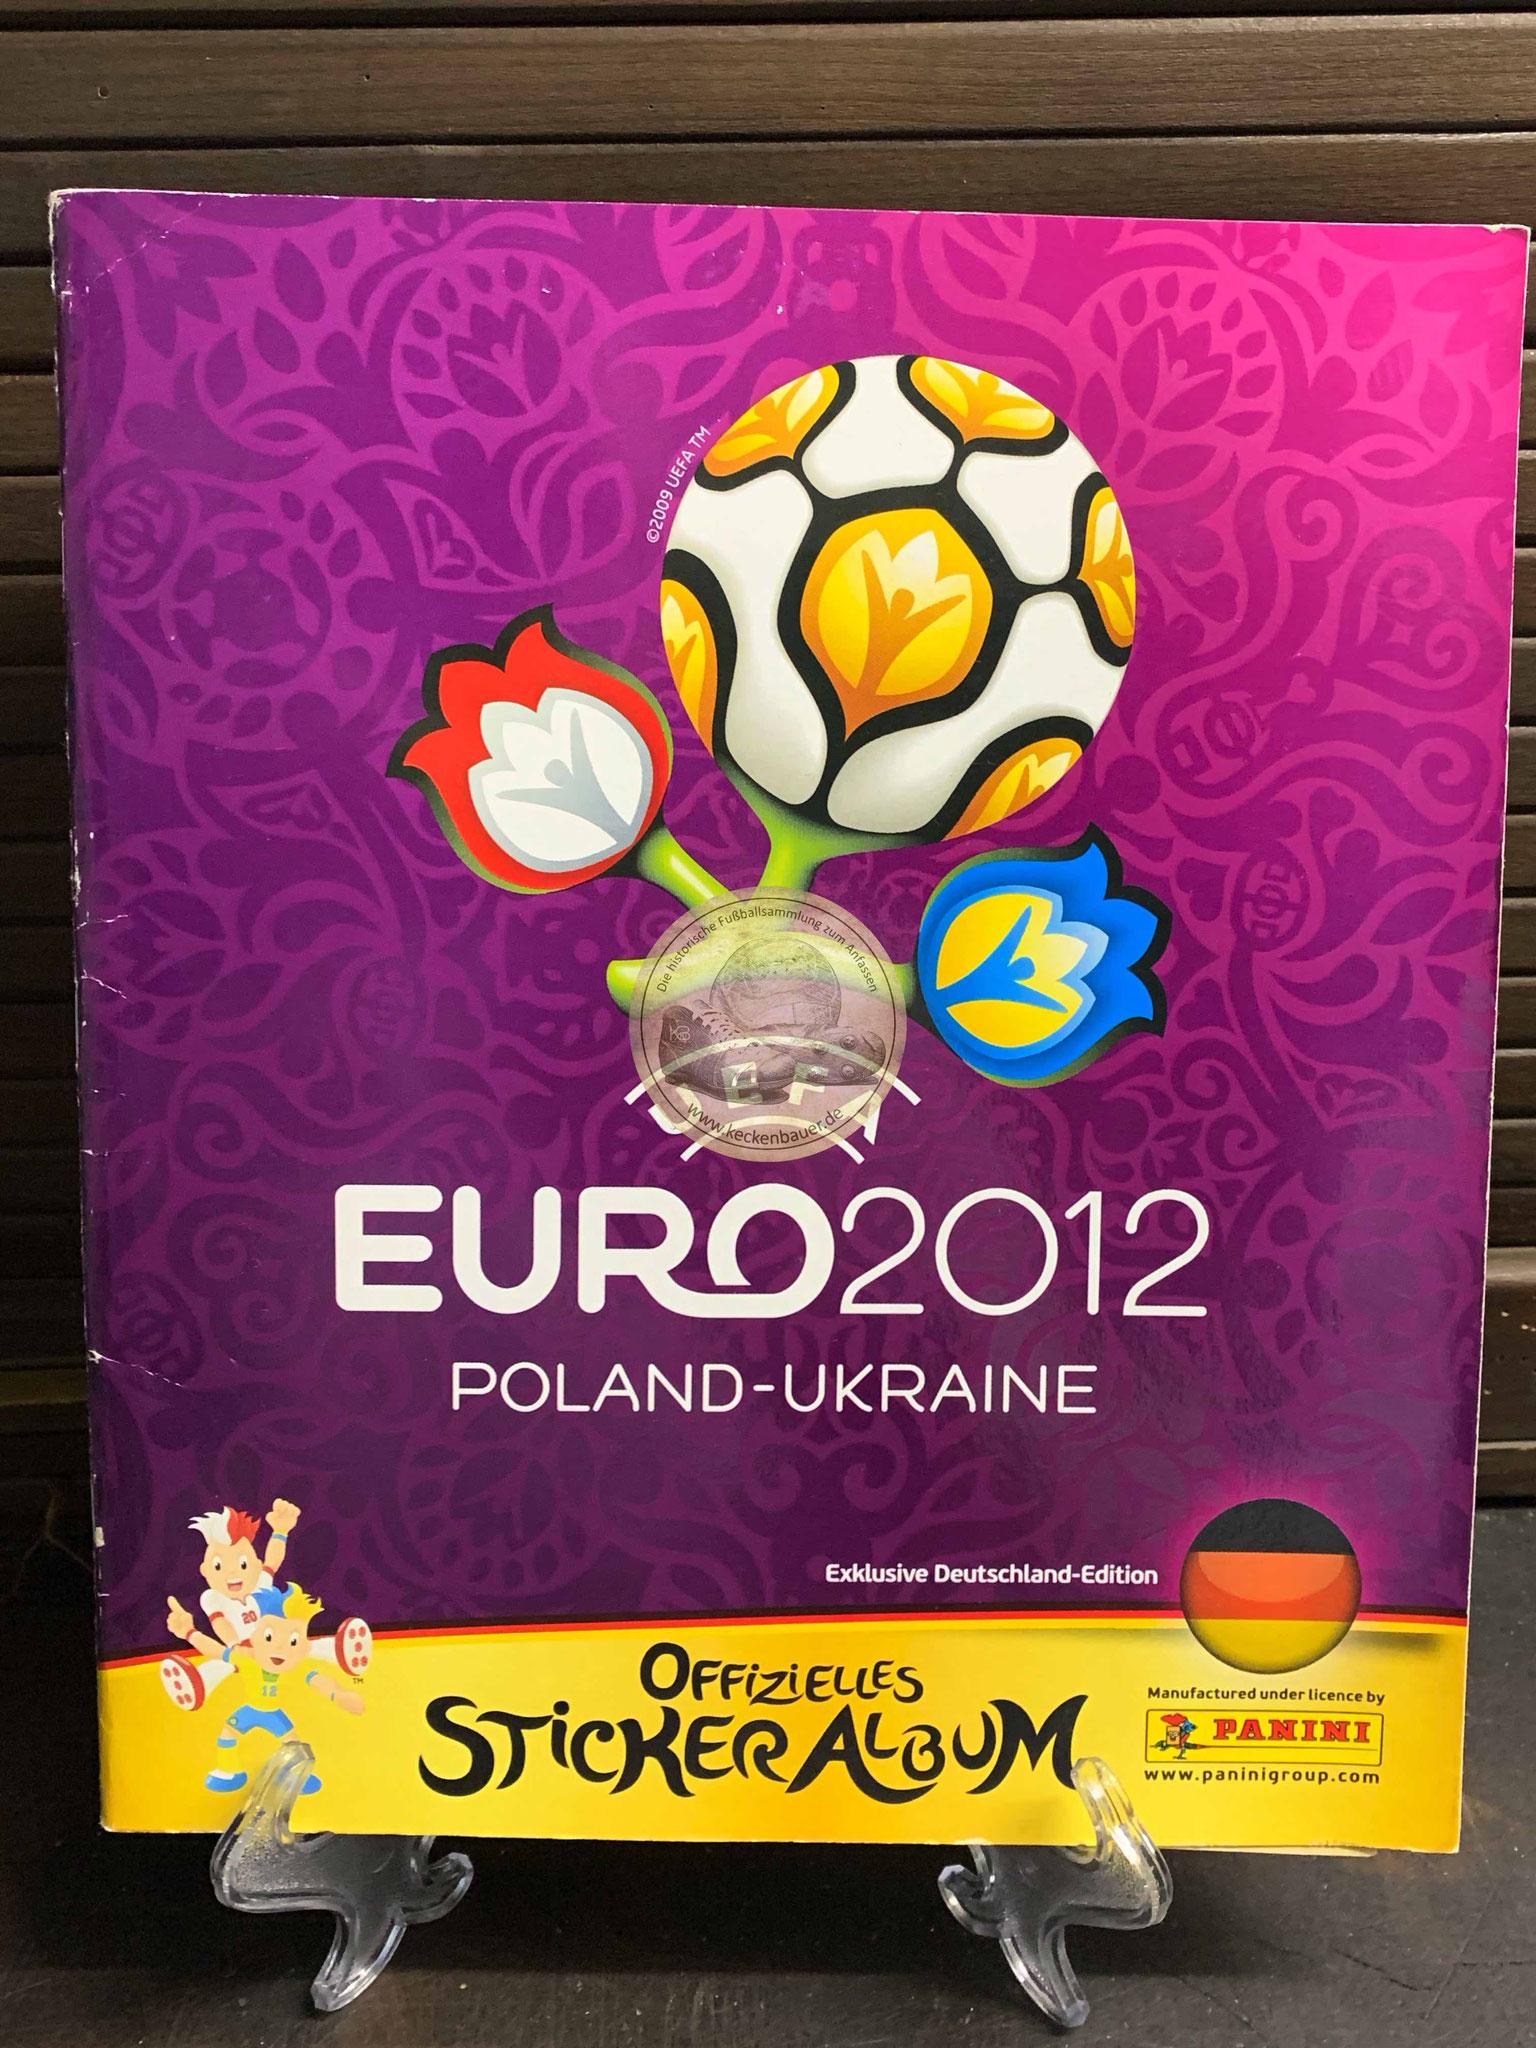 Panini Album von der EM 2012 in Polen un der Ukraine